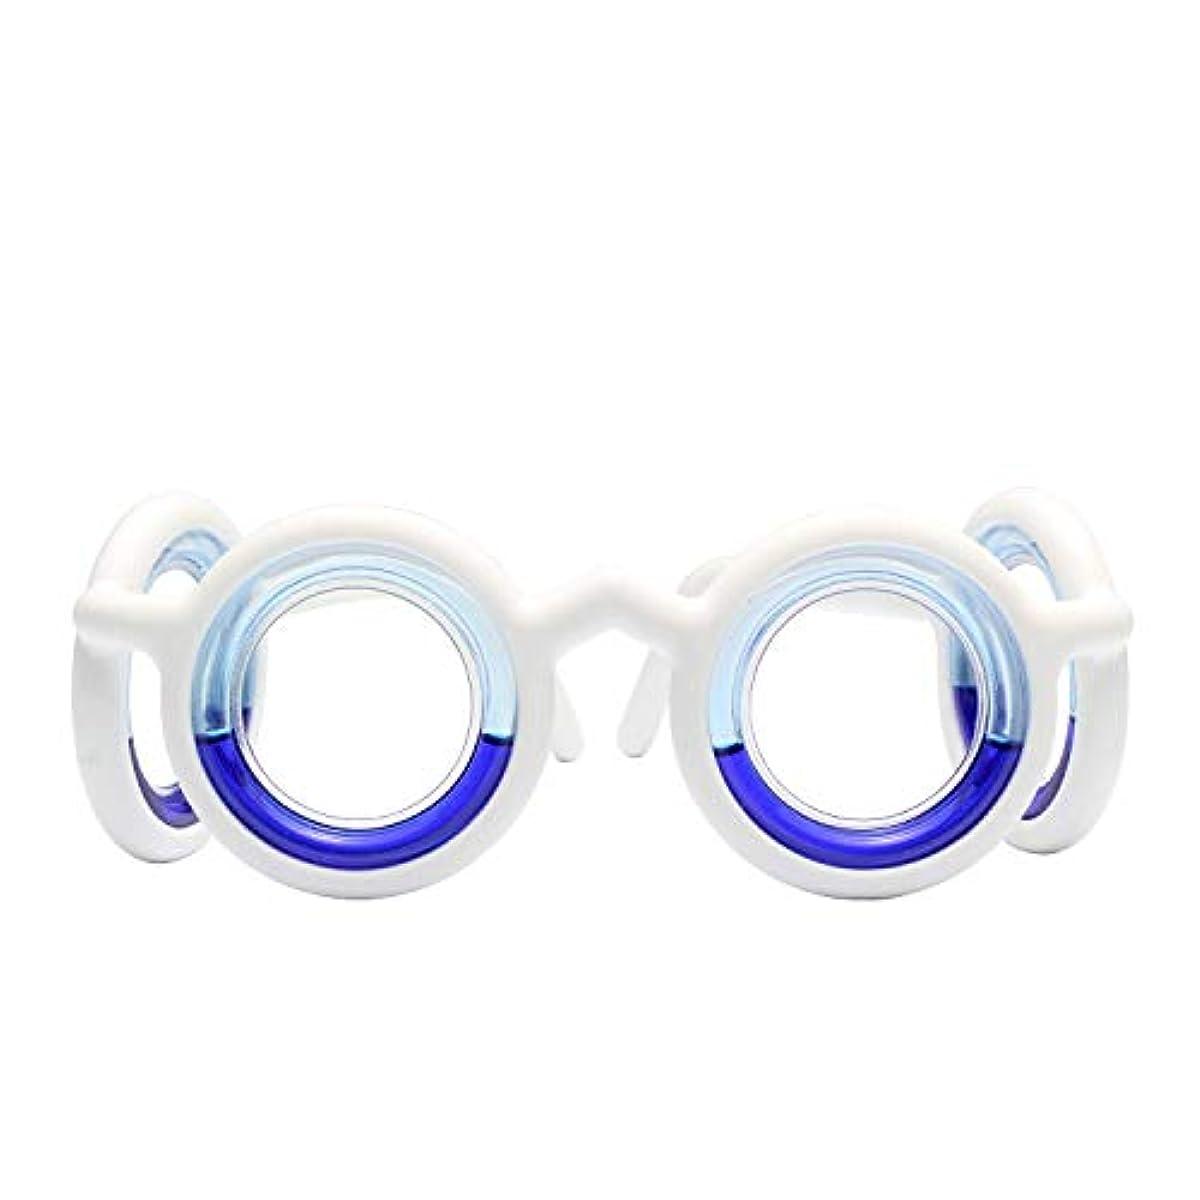 [해외] 【국내 정규품】교통기관 취기금지 안경 과일 의 향기 교통기관 도취해 대책차 취기금지 안경 불변성 운반 쉽 안전 사용 건단 소형 경량차 취기금지 안경